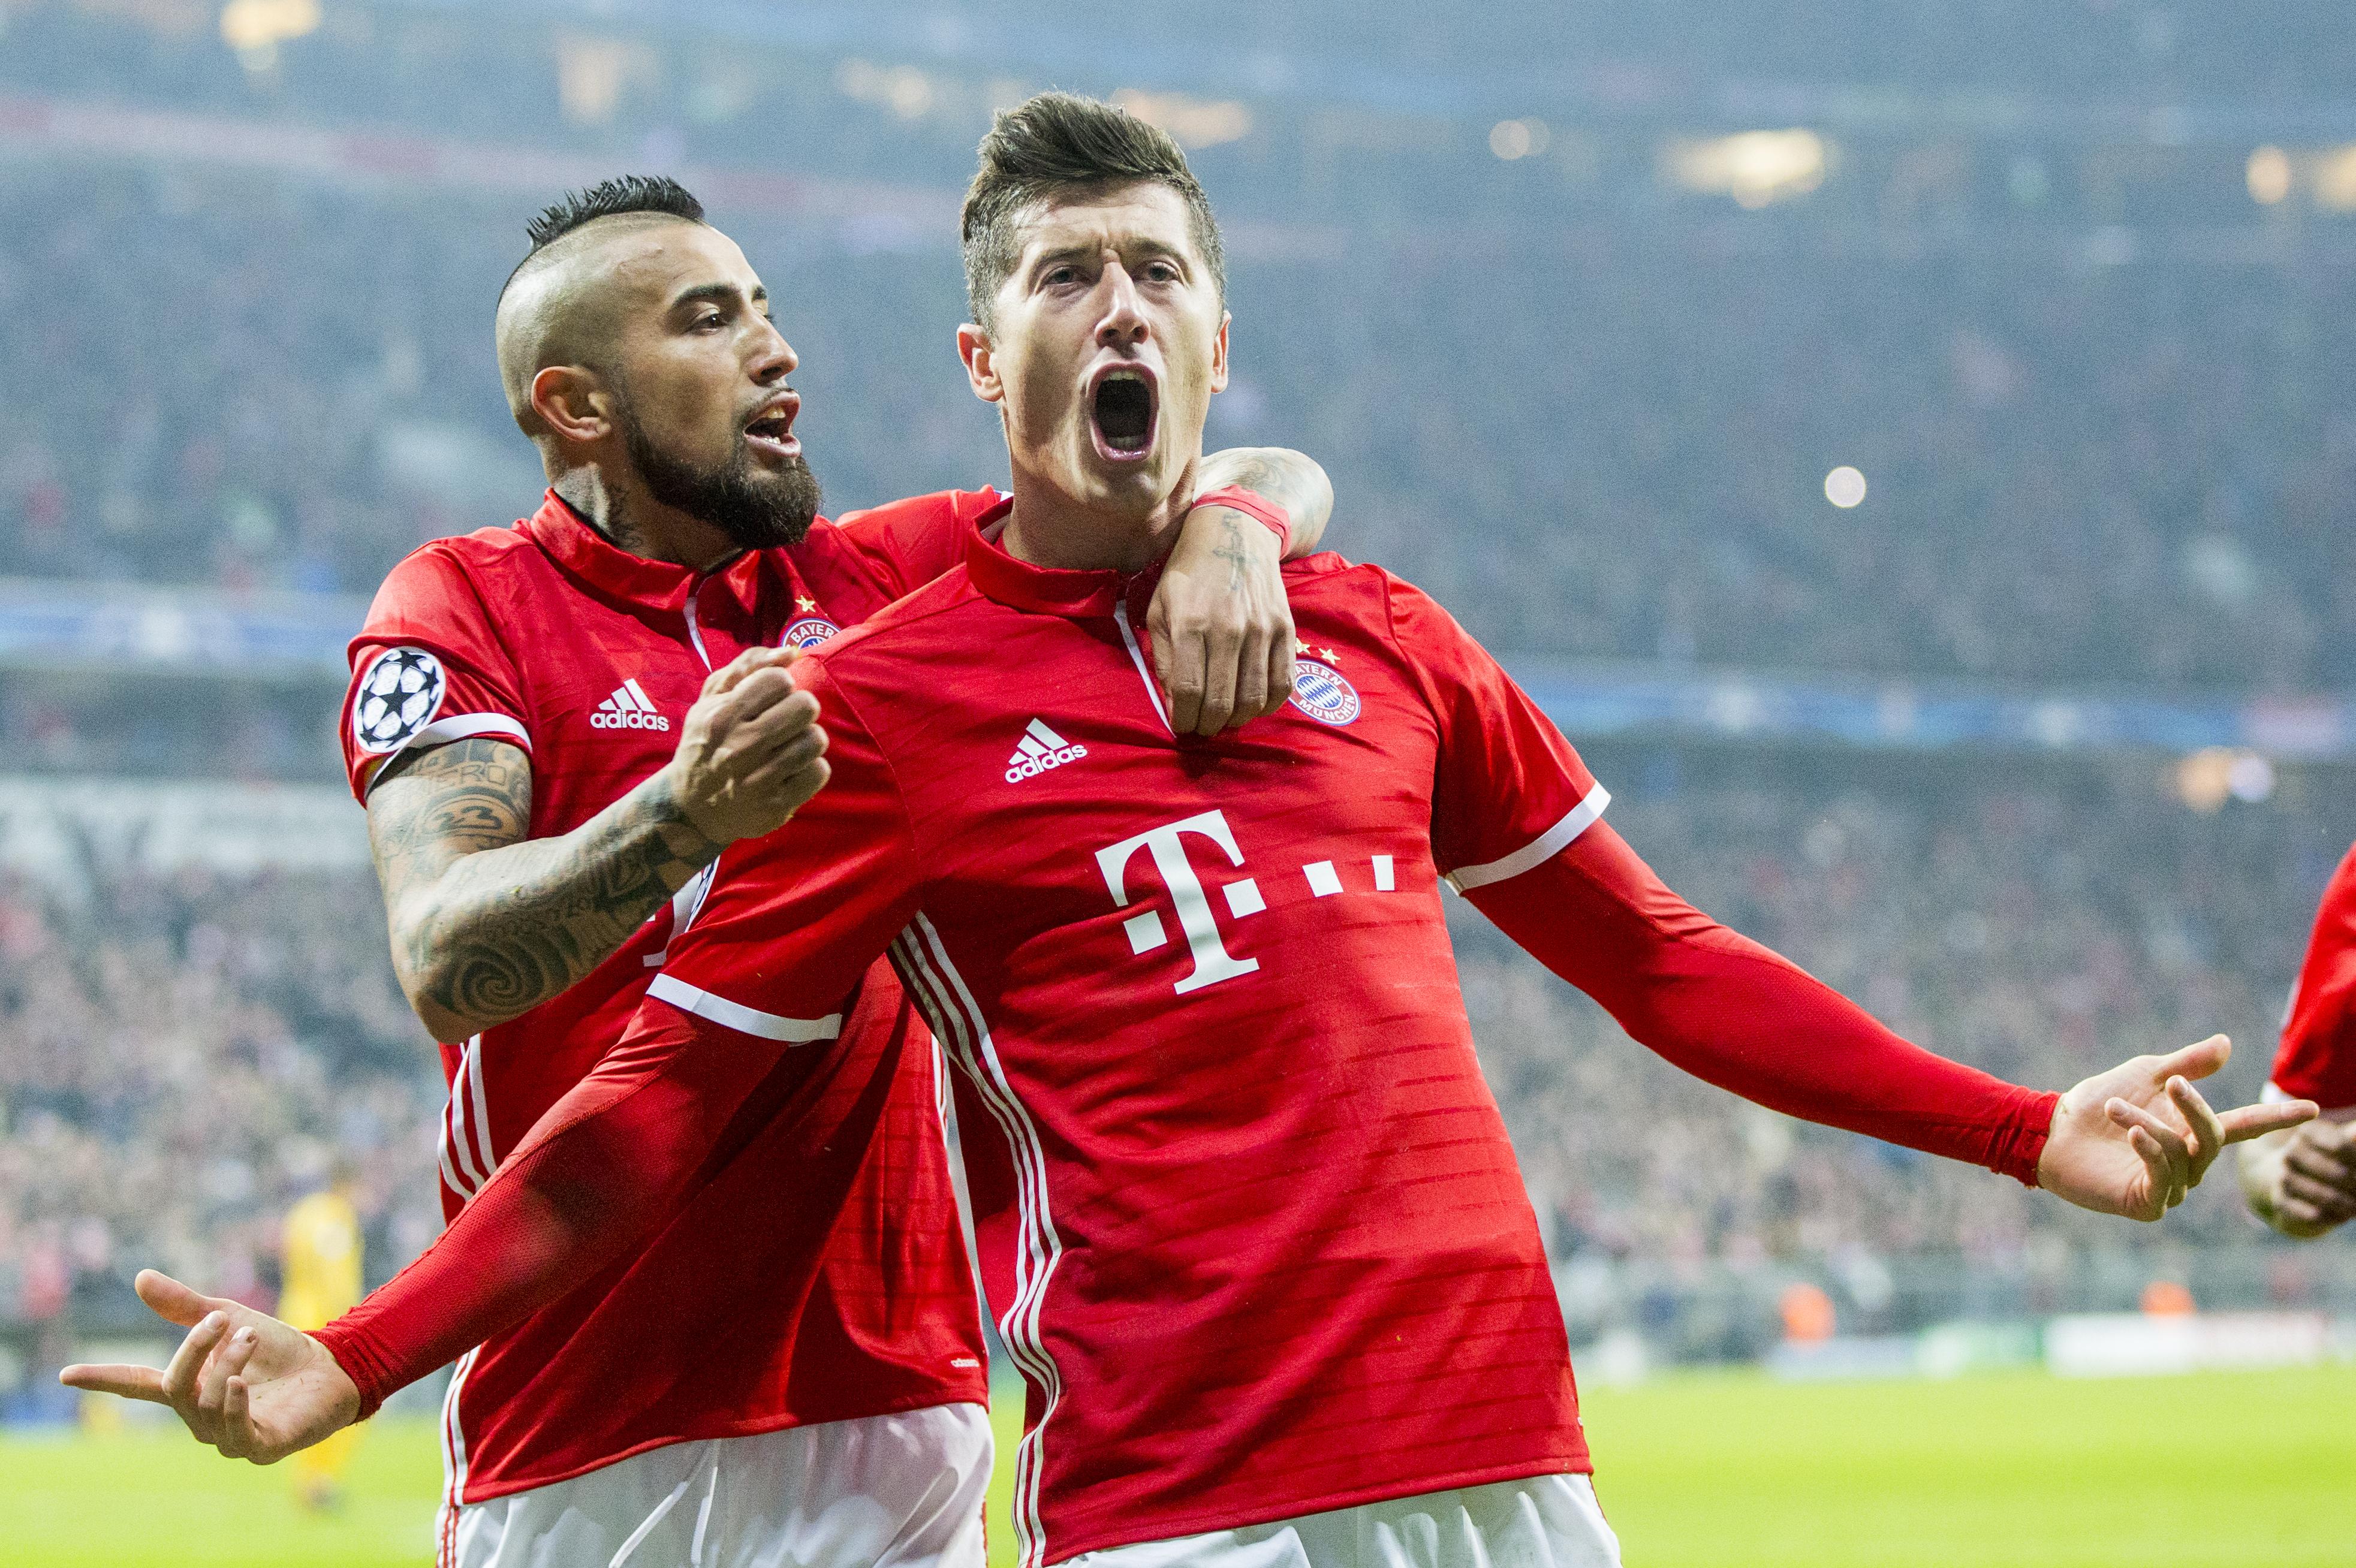 Bayern Bungkam Freiburg Tanpa Balas 4 - 0